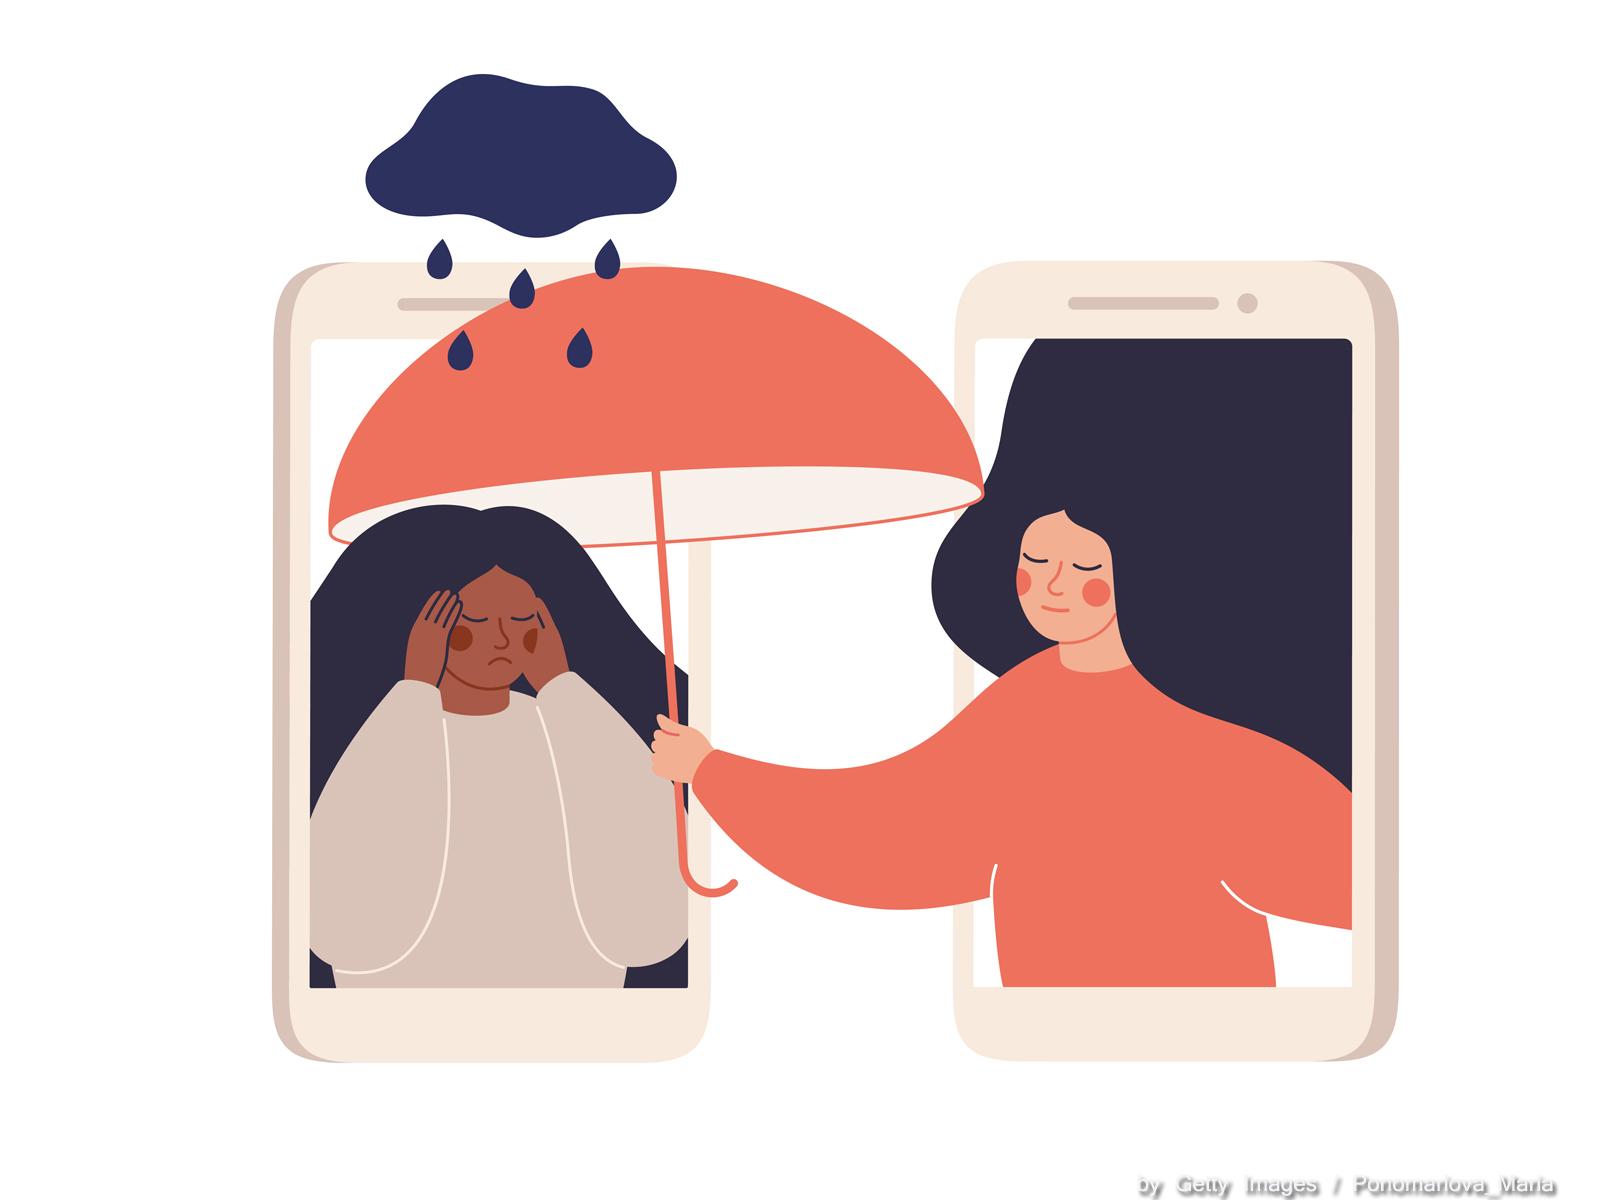 Empatia e relacionamentos: habilidade para uma vida melhor!